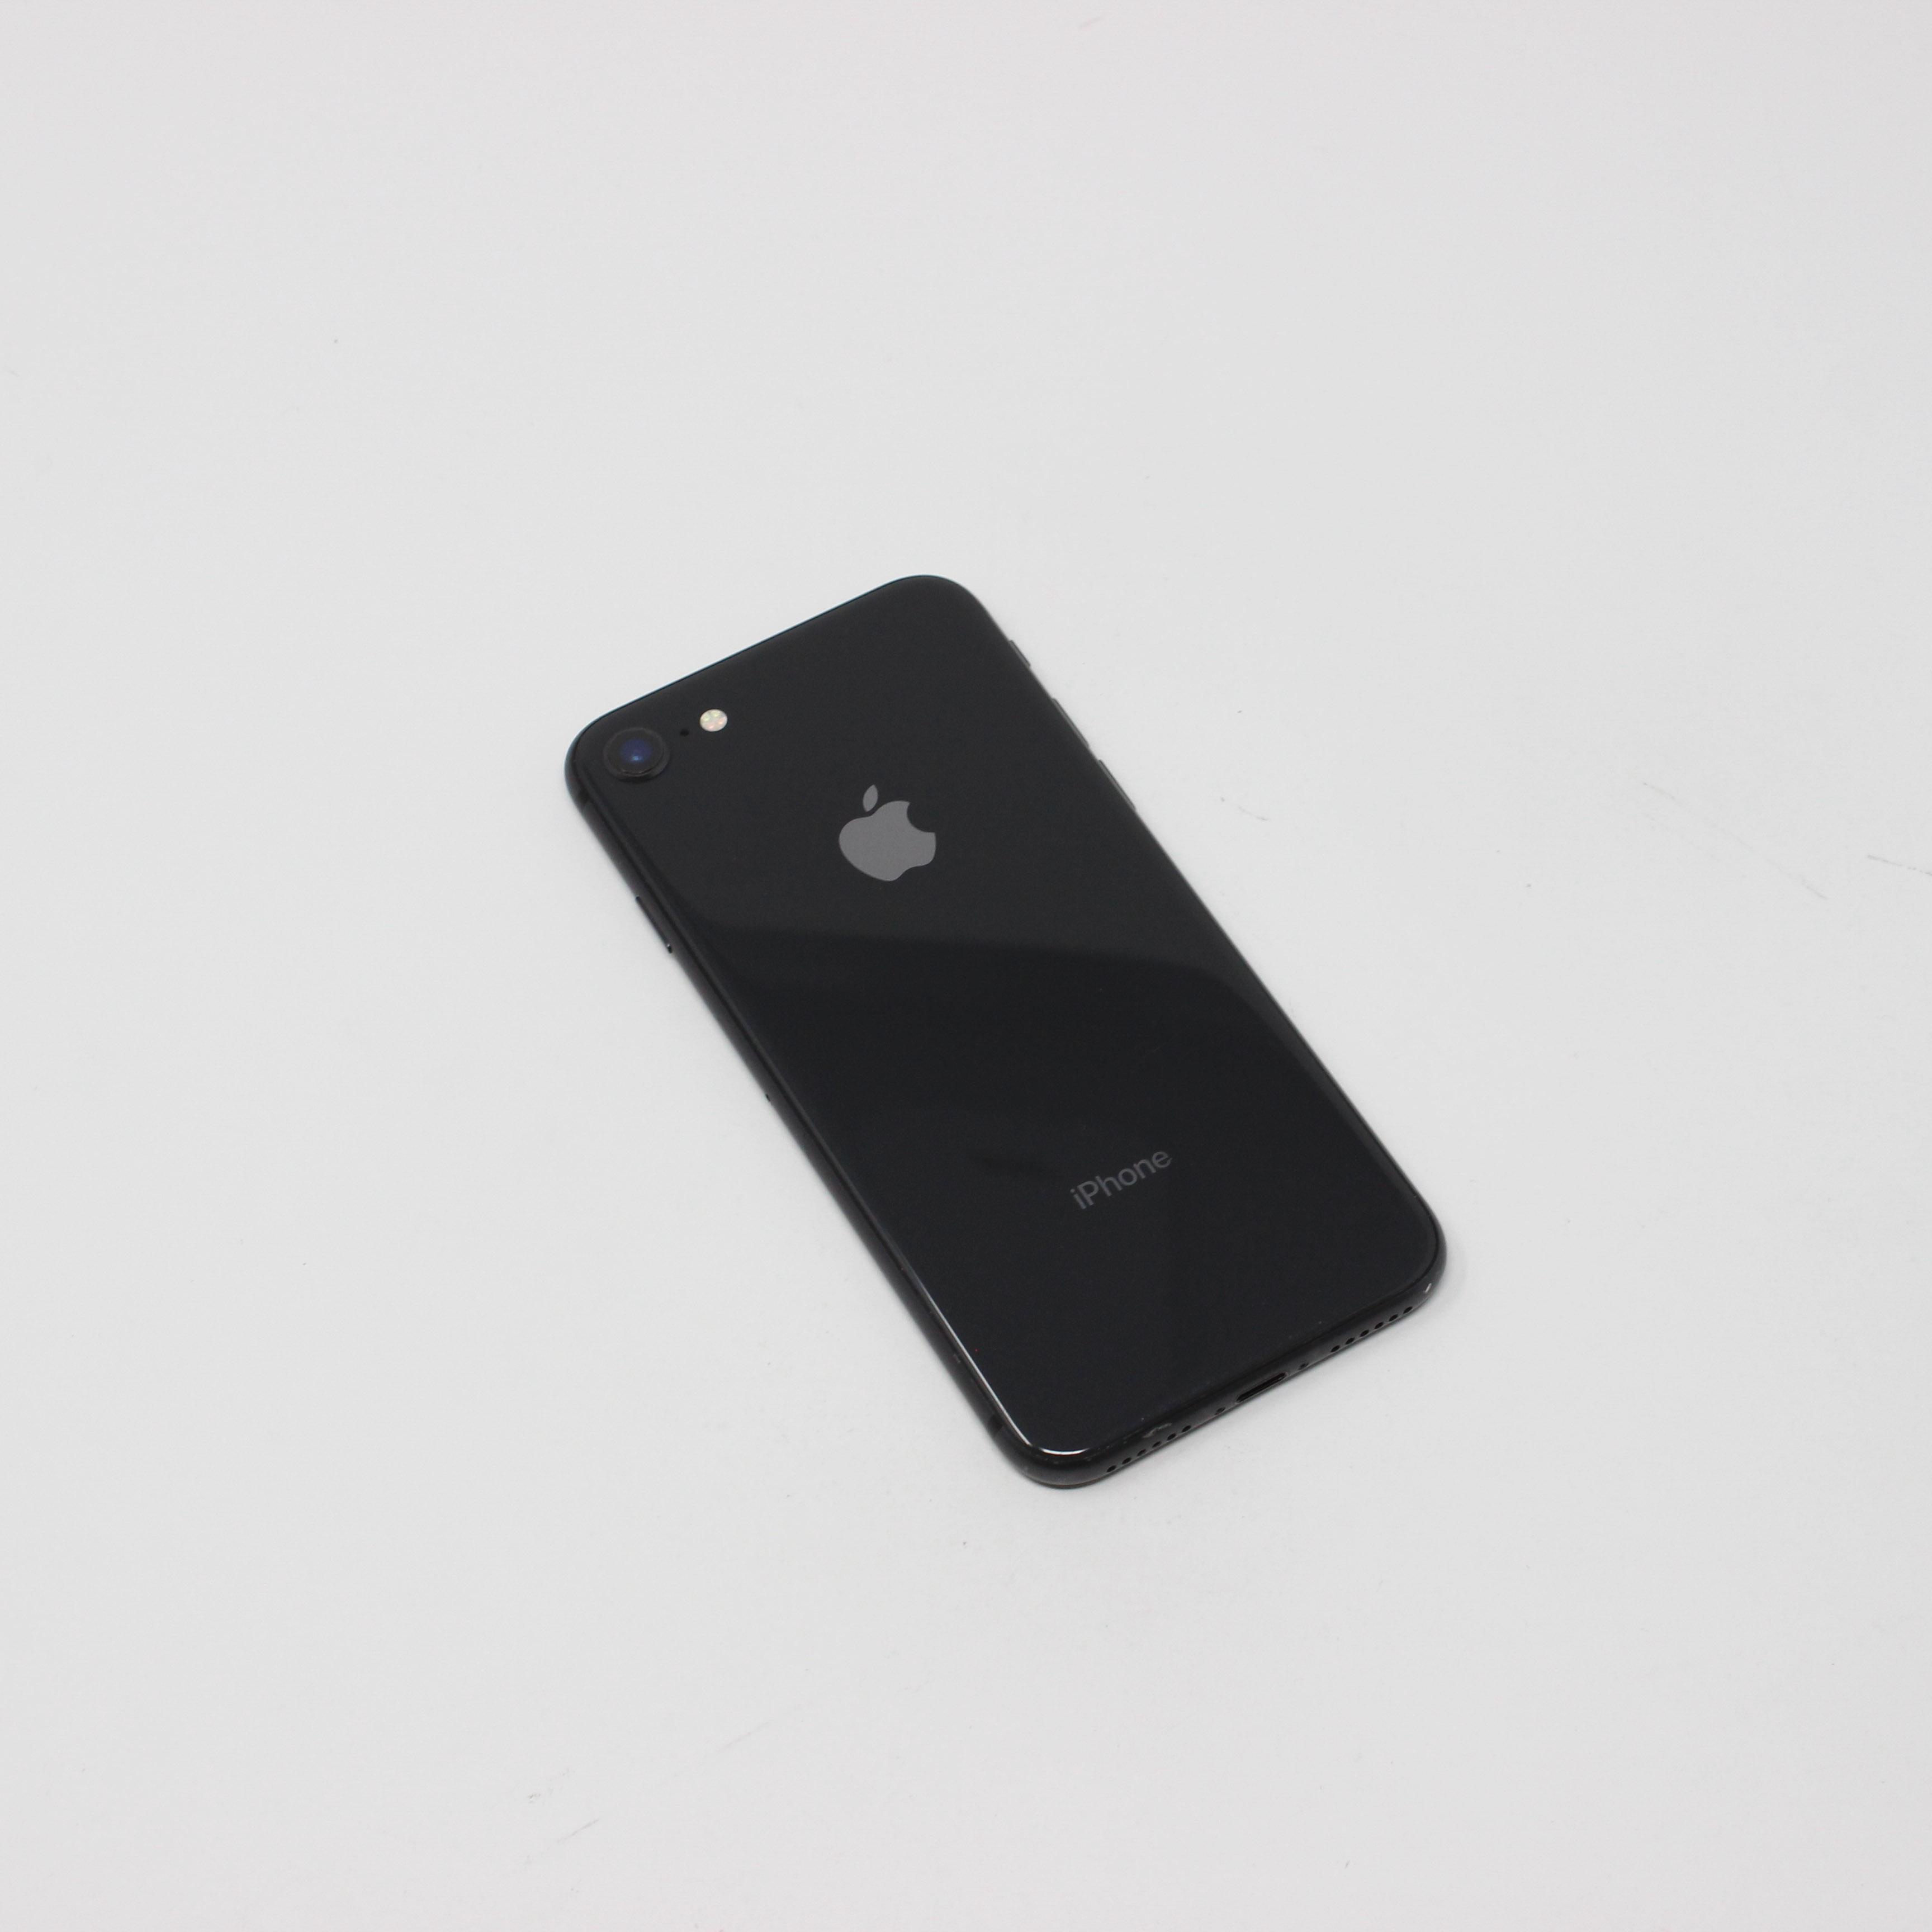 iPhone 8 64GB Space Gray - AT&T photo 3   UpTradeit.com